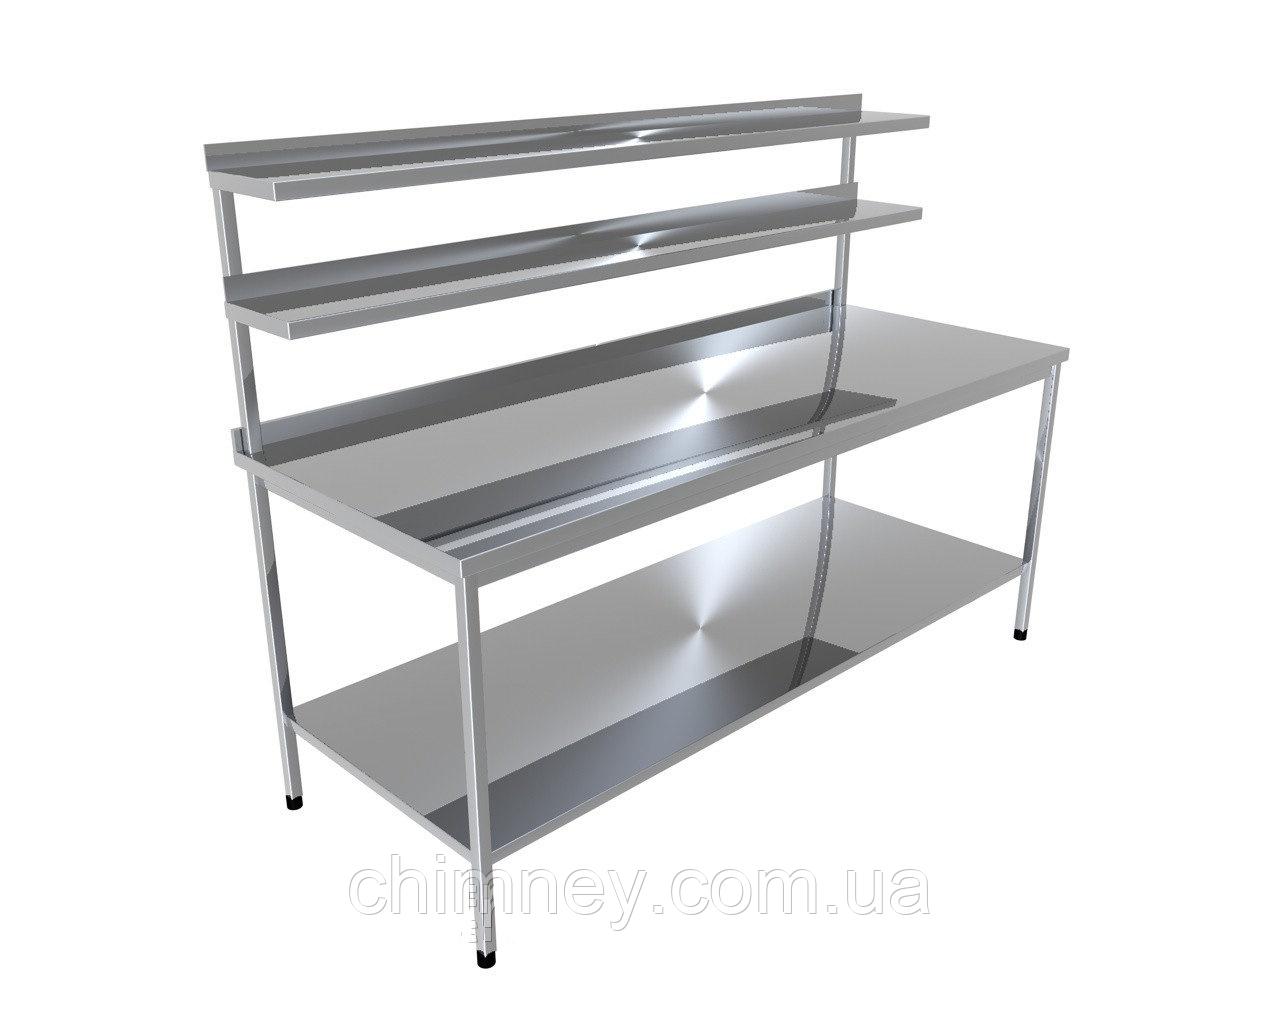 Стіл виробничий з двома верхніми полицями і однієї нижньої CHIMNEYBUD, 1600x700x850 мм (нержавіюча сталь/430)